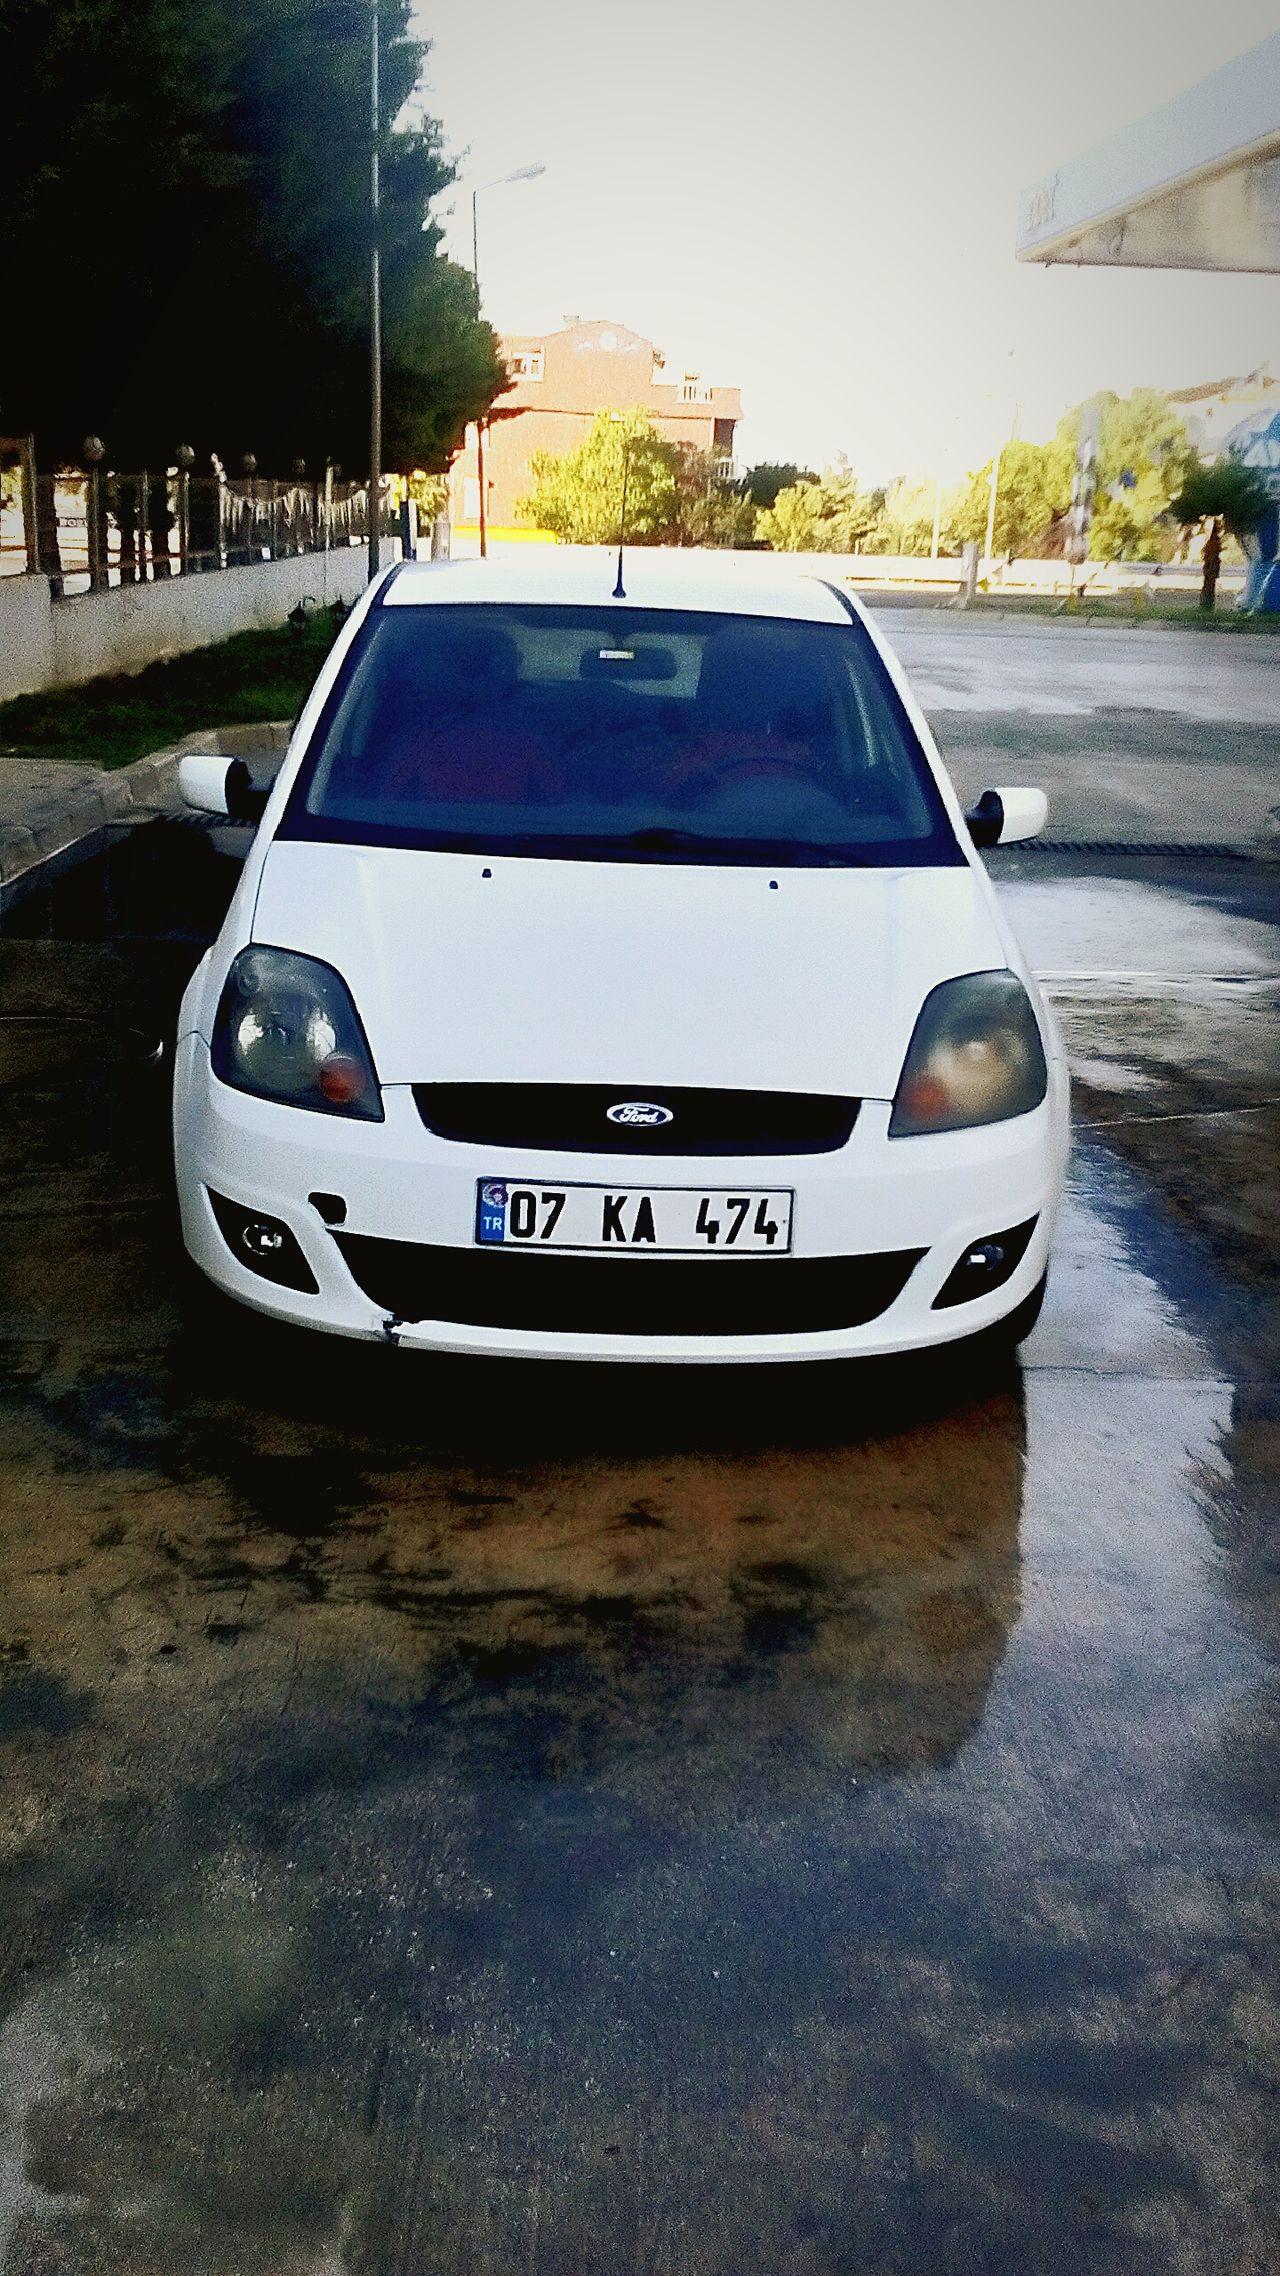 First Eyeem Photo Fiesta FiestaST Fordfiesta Fiestamk6 Ford Turkey Fiestam.com Sony Sony Xperia Sonyxperiae4